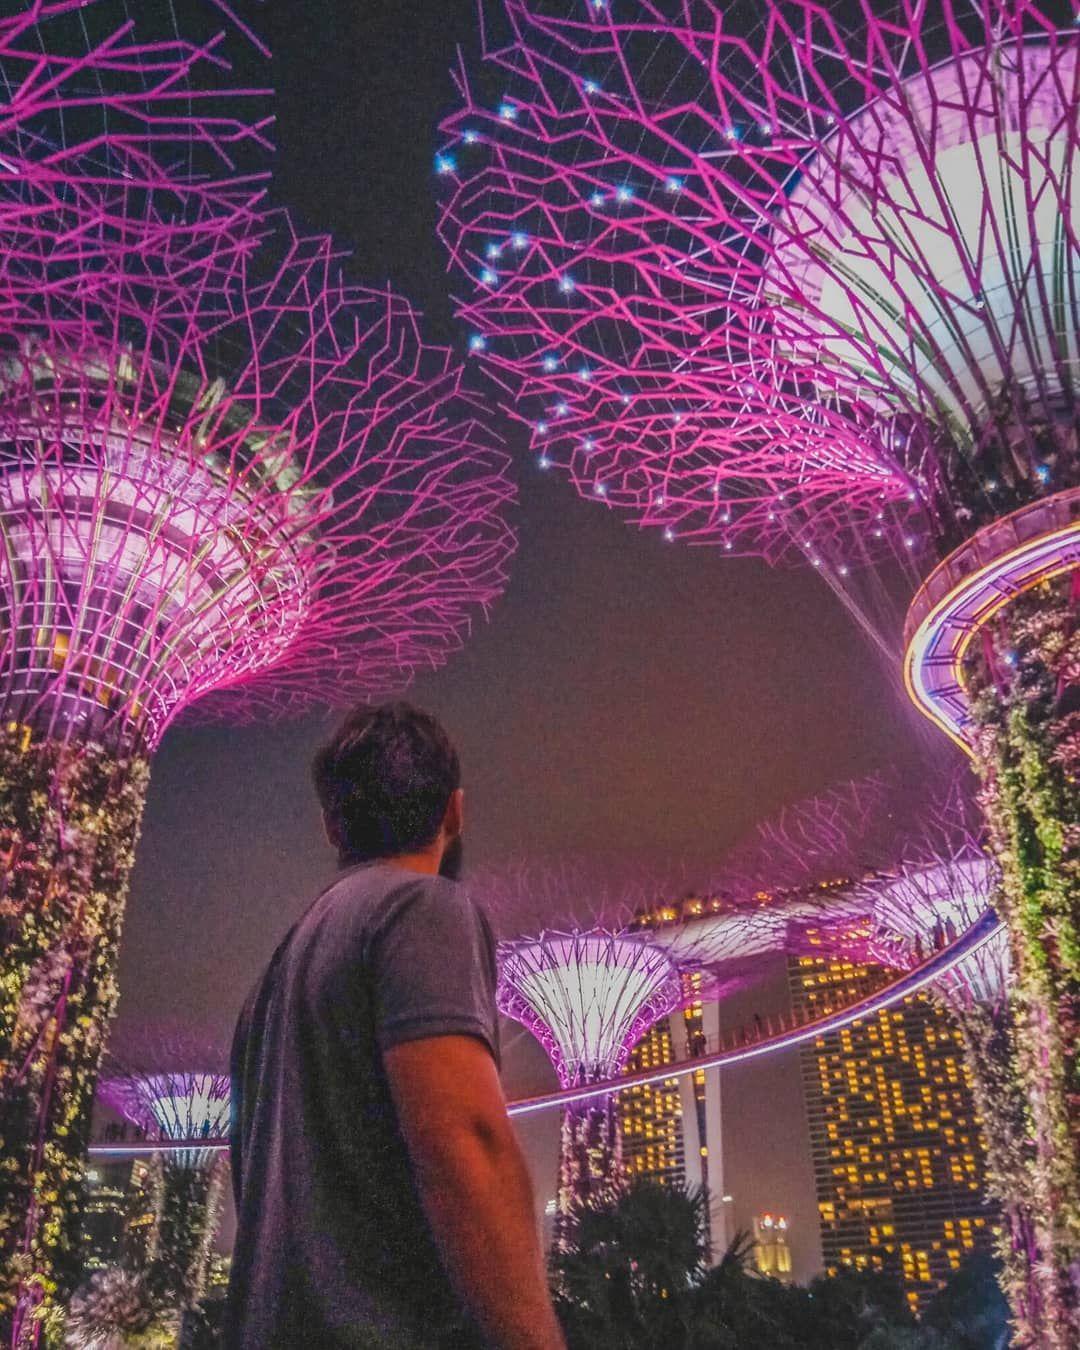 5e625935dbfc220a31e63d2989a5caae - Gardens By The Bay Timings Light Show